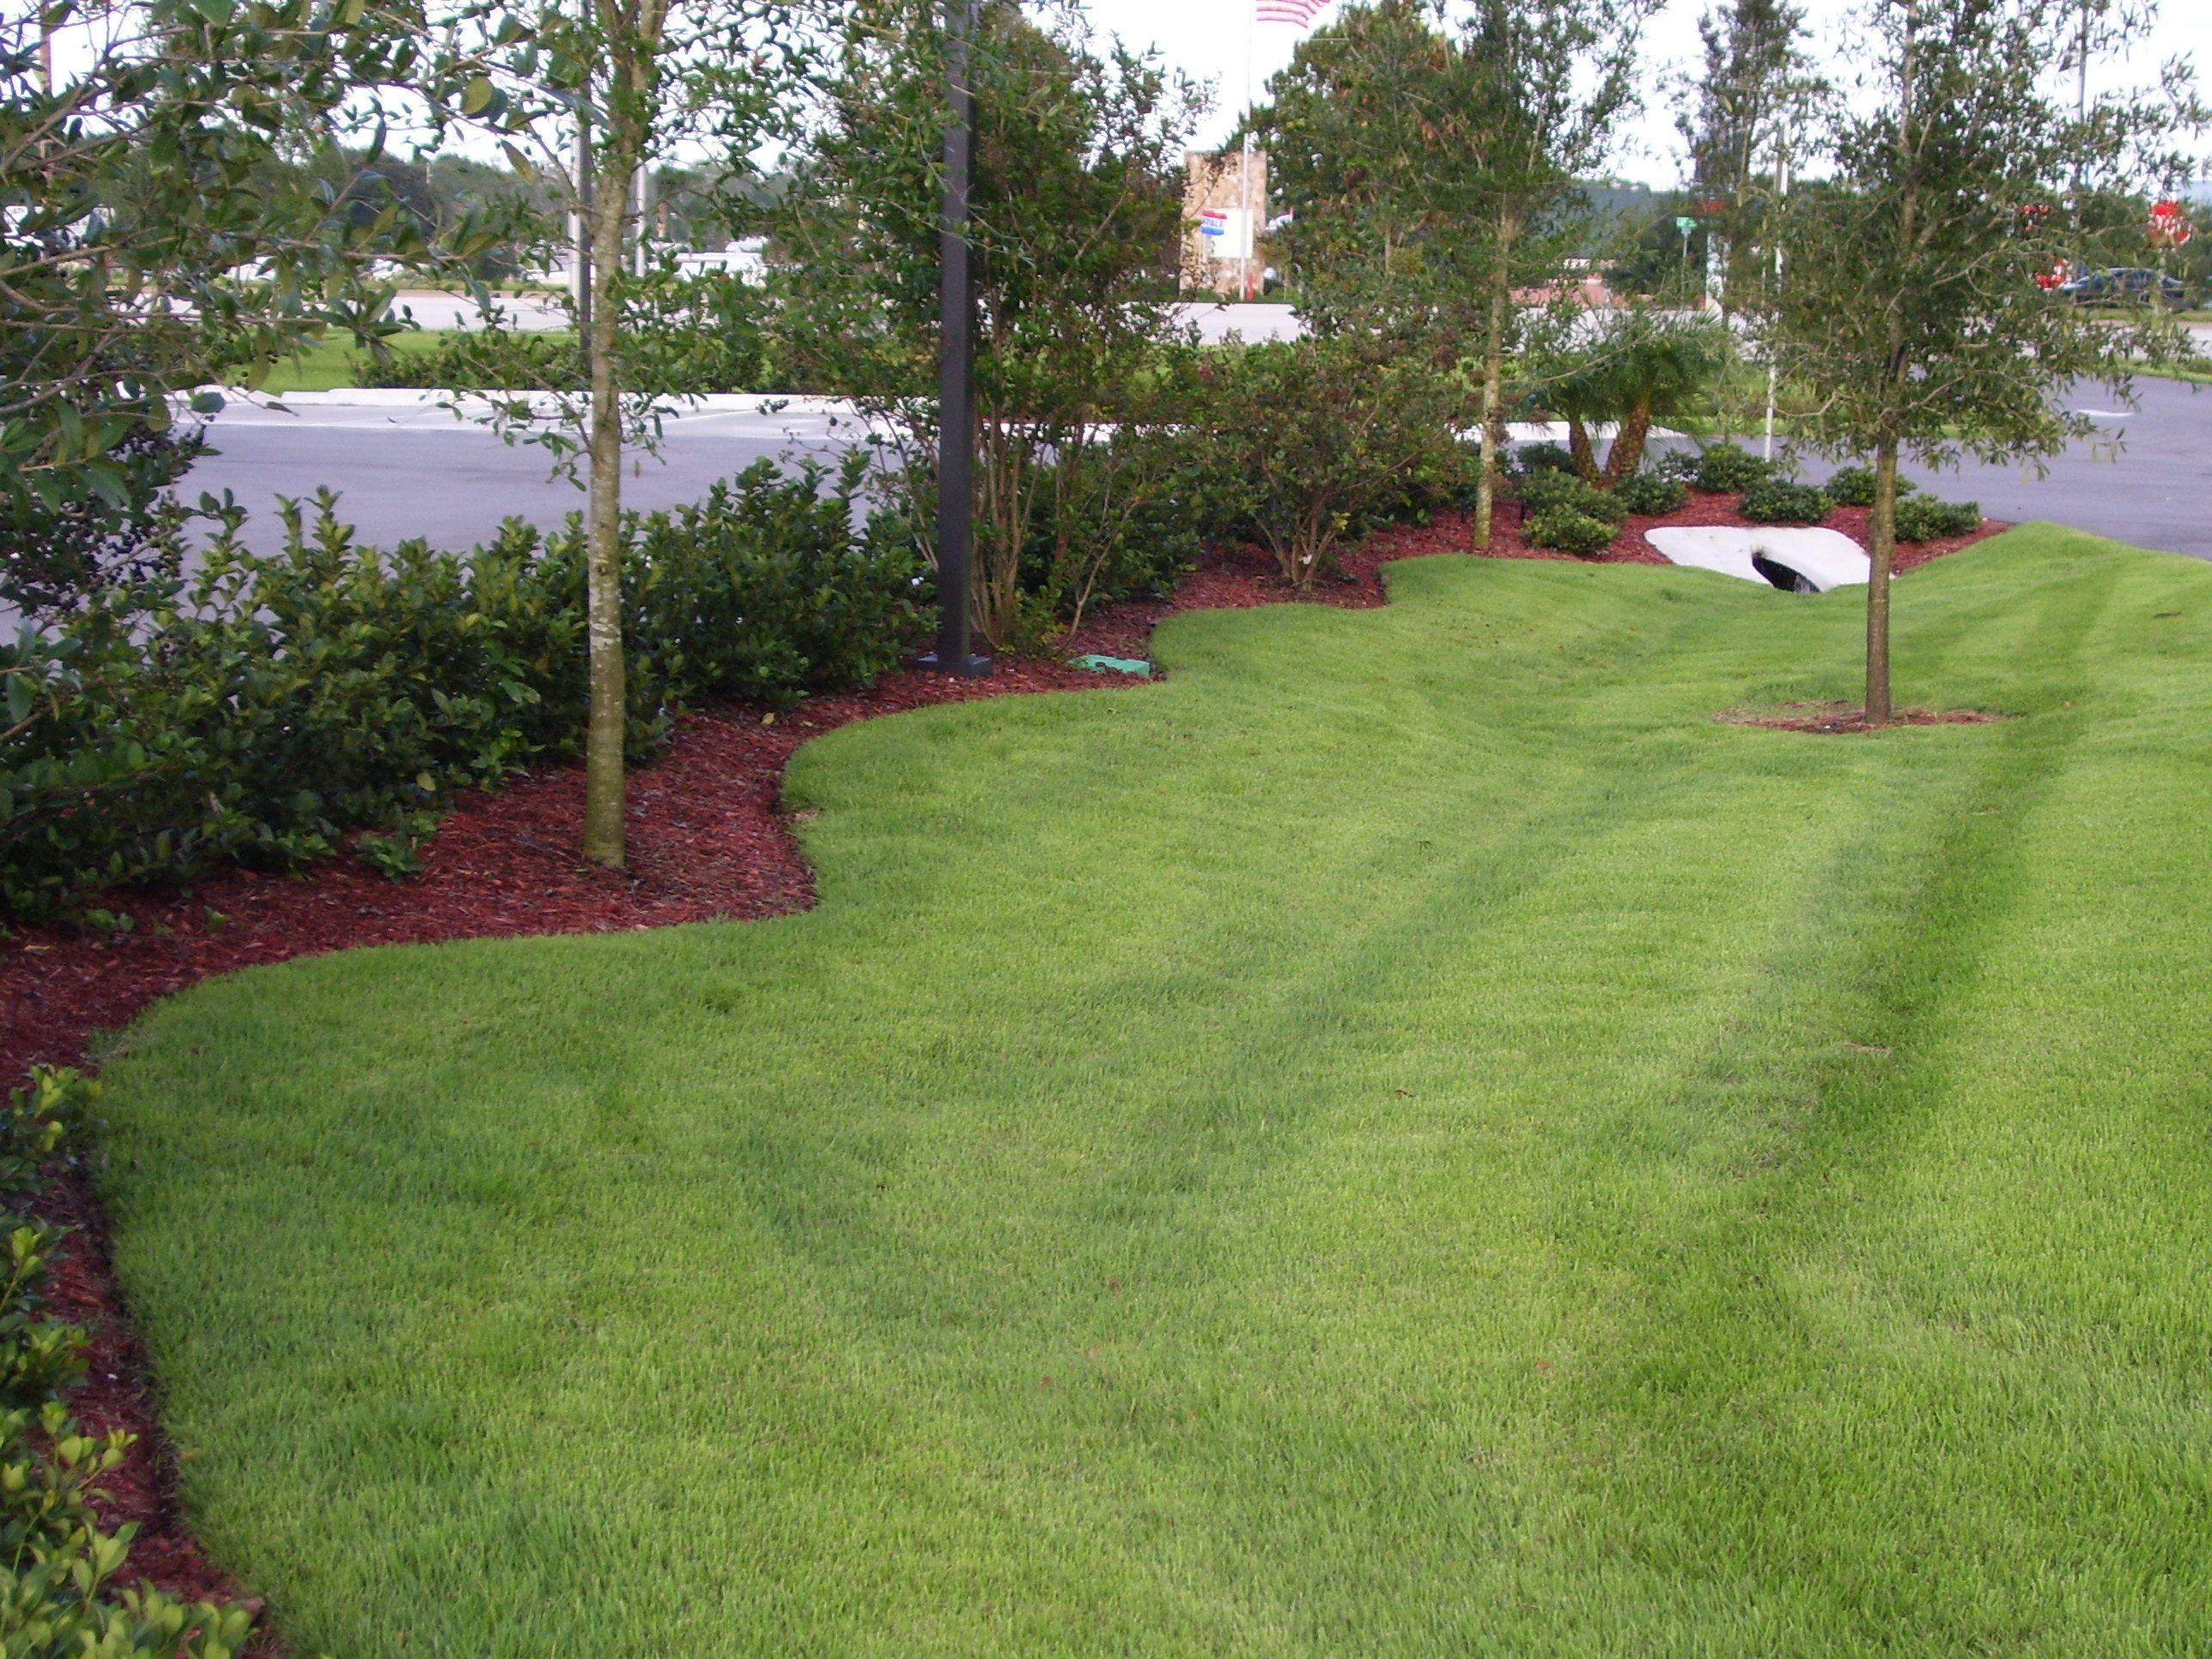 El Toro Zoysia Grass For Sale Near Me